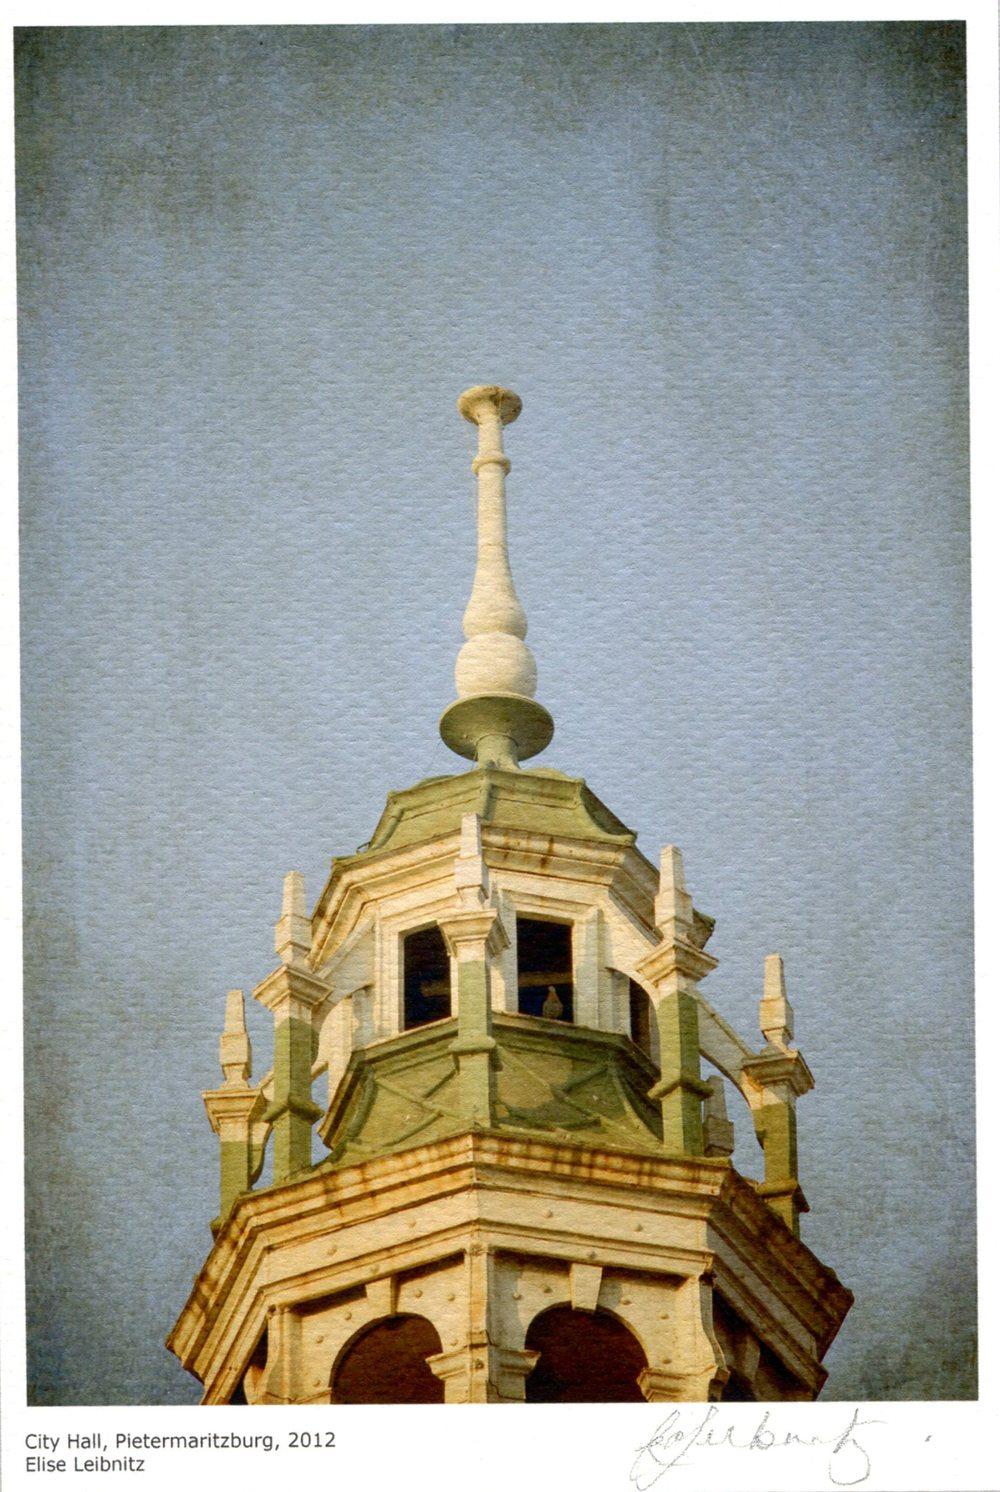 Leibnitz, Elise    43a City Hall, Pietermaritzburg, Photography.jpg